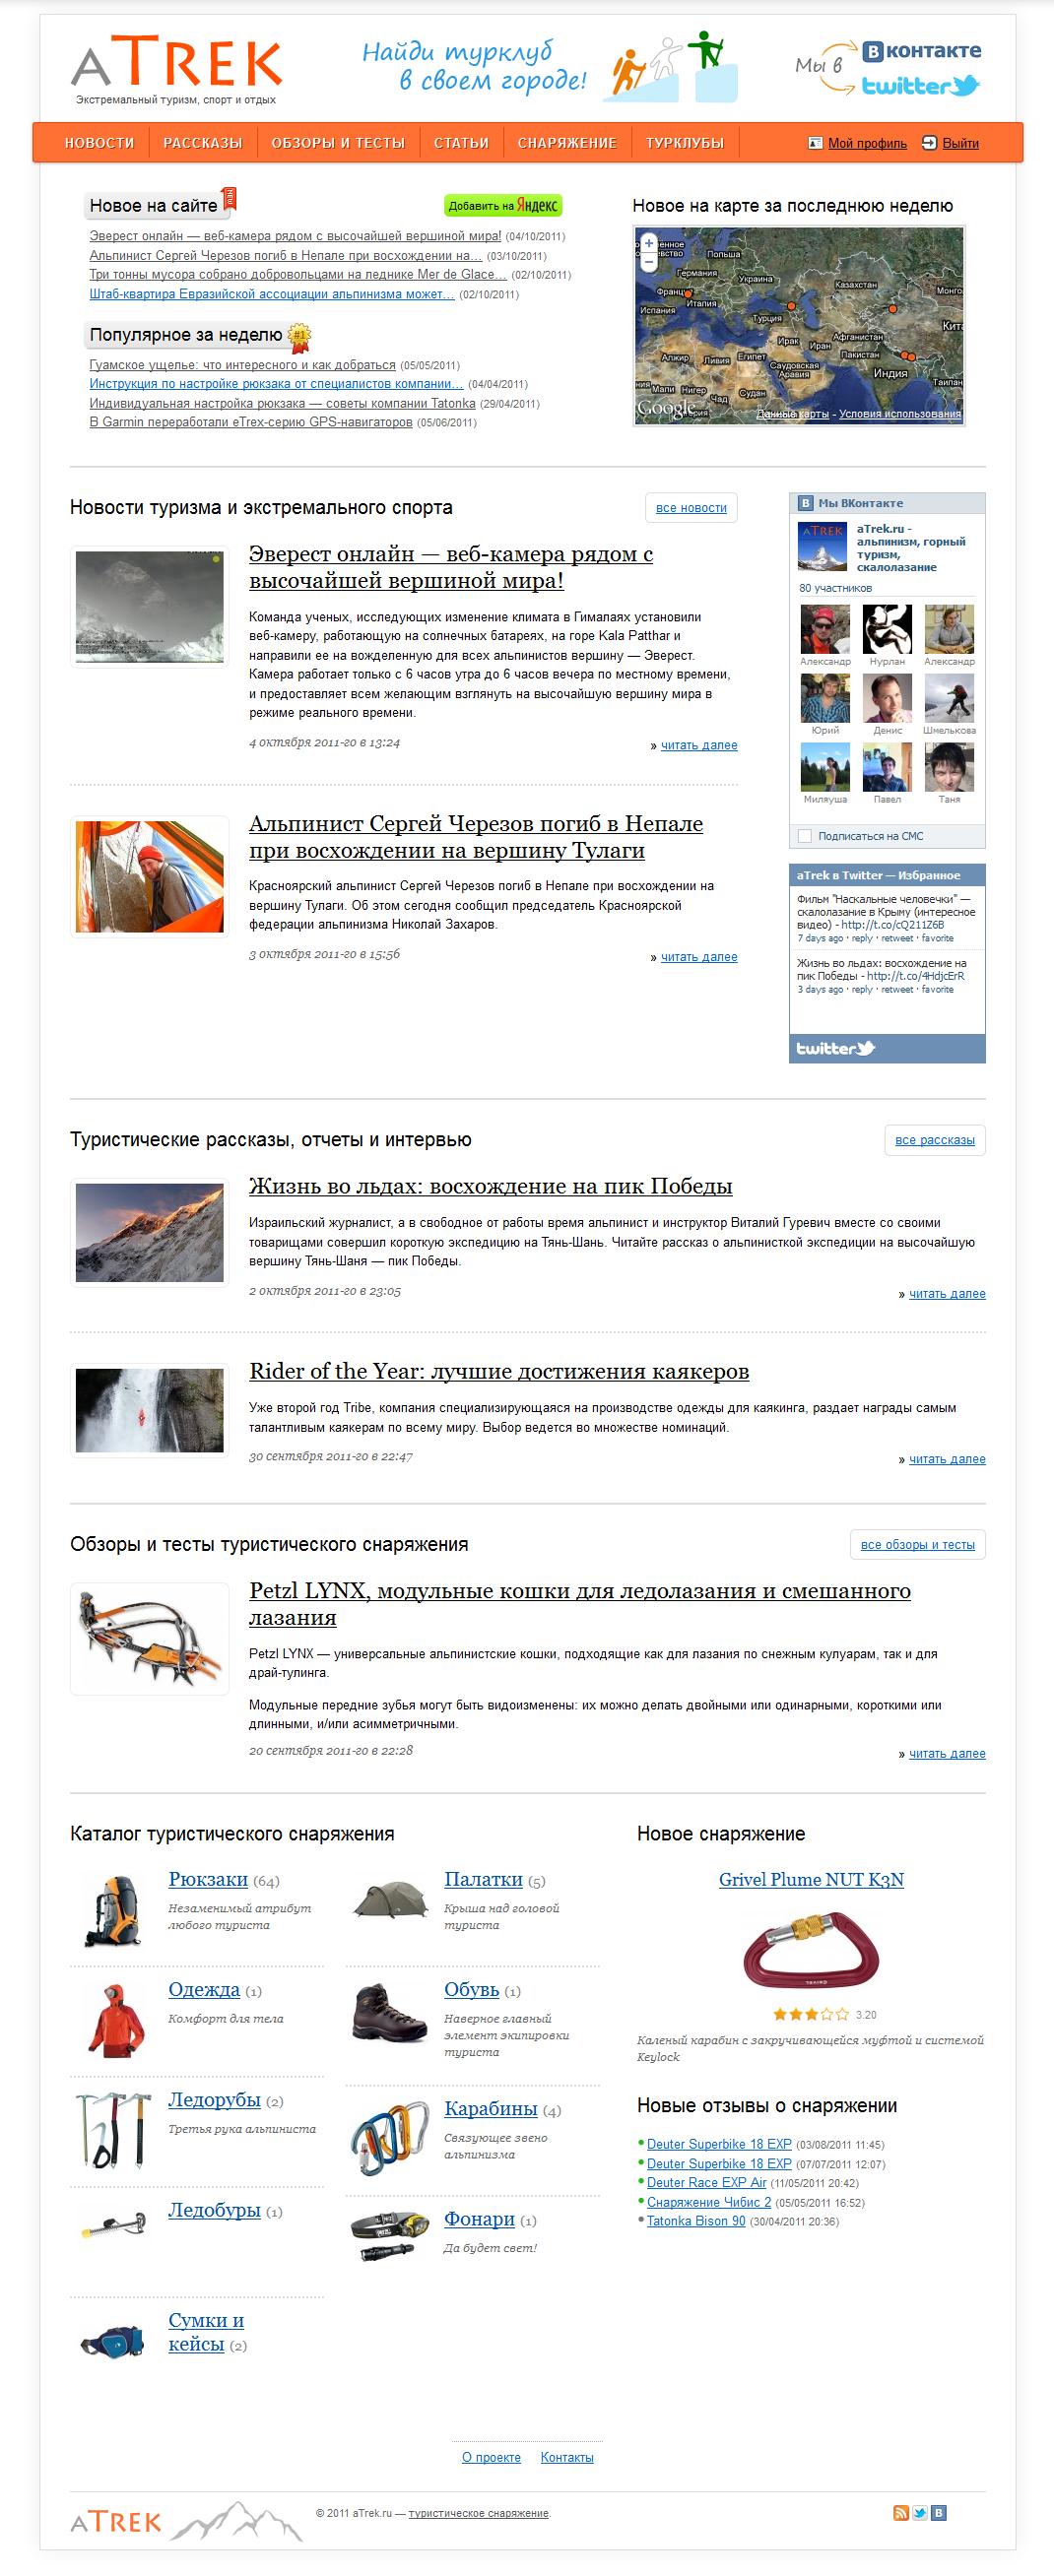 Сайт об экстремальном туризме и отдыхе aTrek.ru